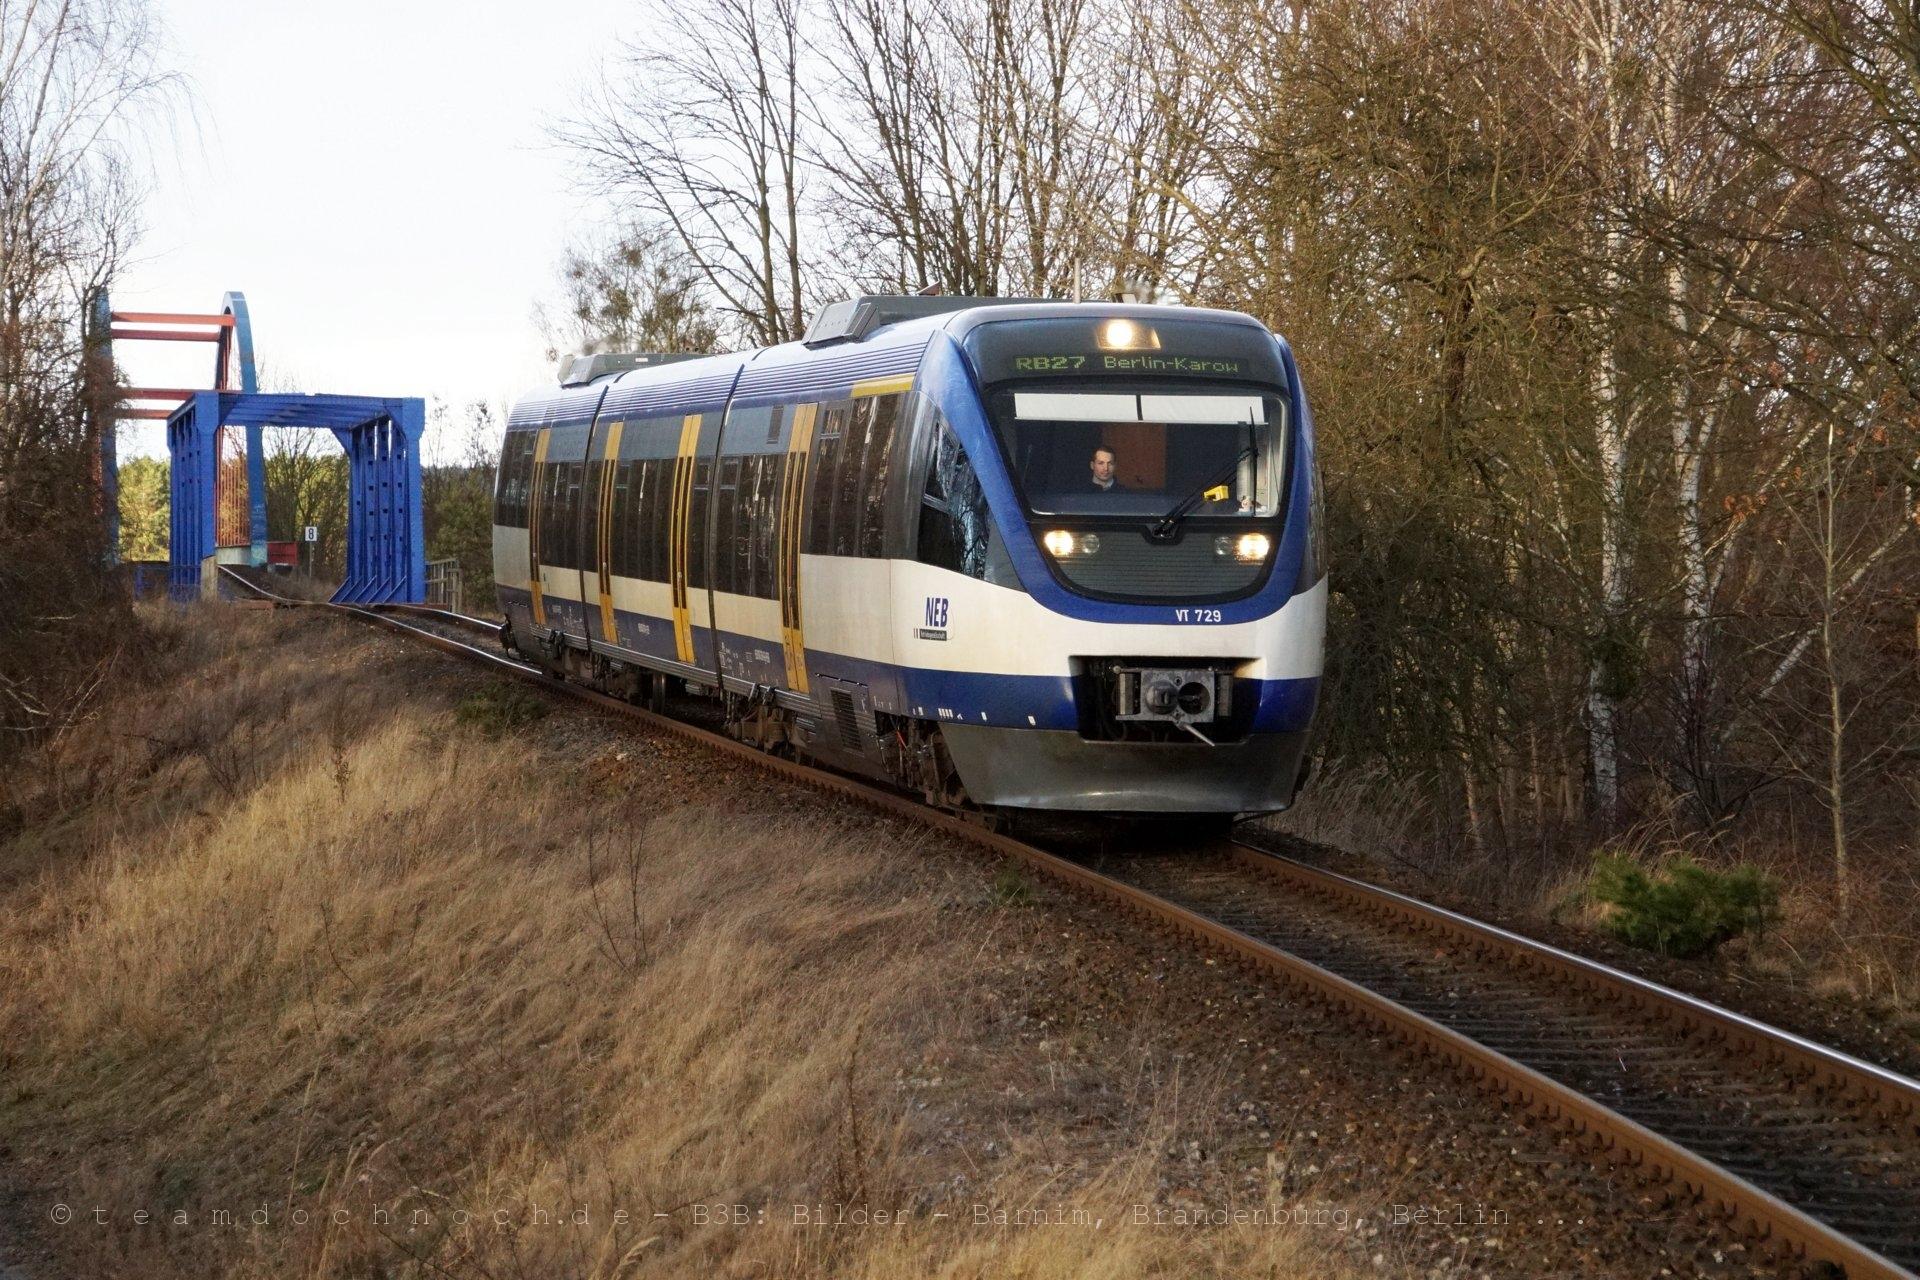 NEB VT 729 kurz vor Erreichen des Bahnhofs Ruhlsdorf-Zerpenschleuse